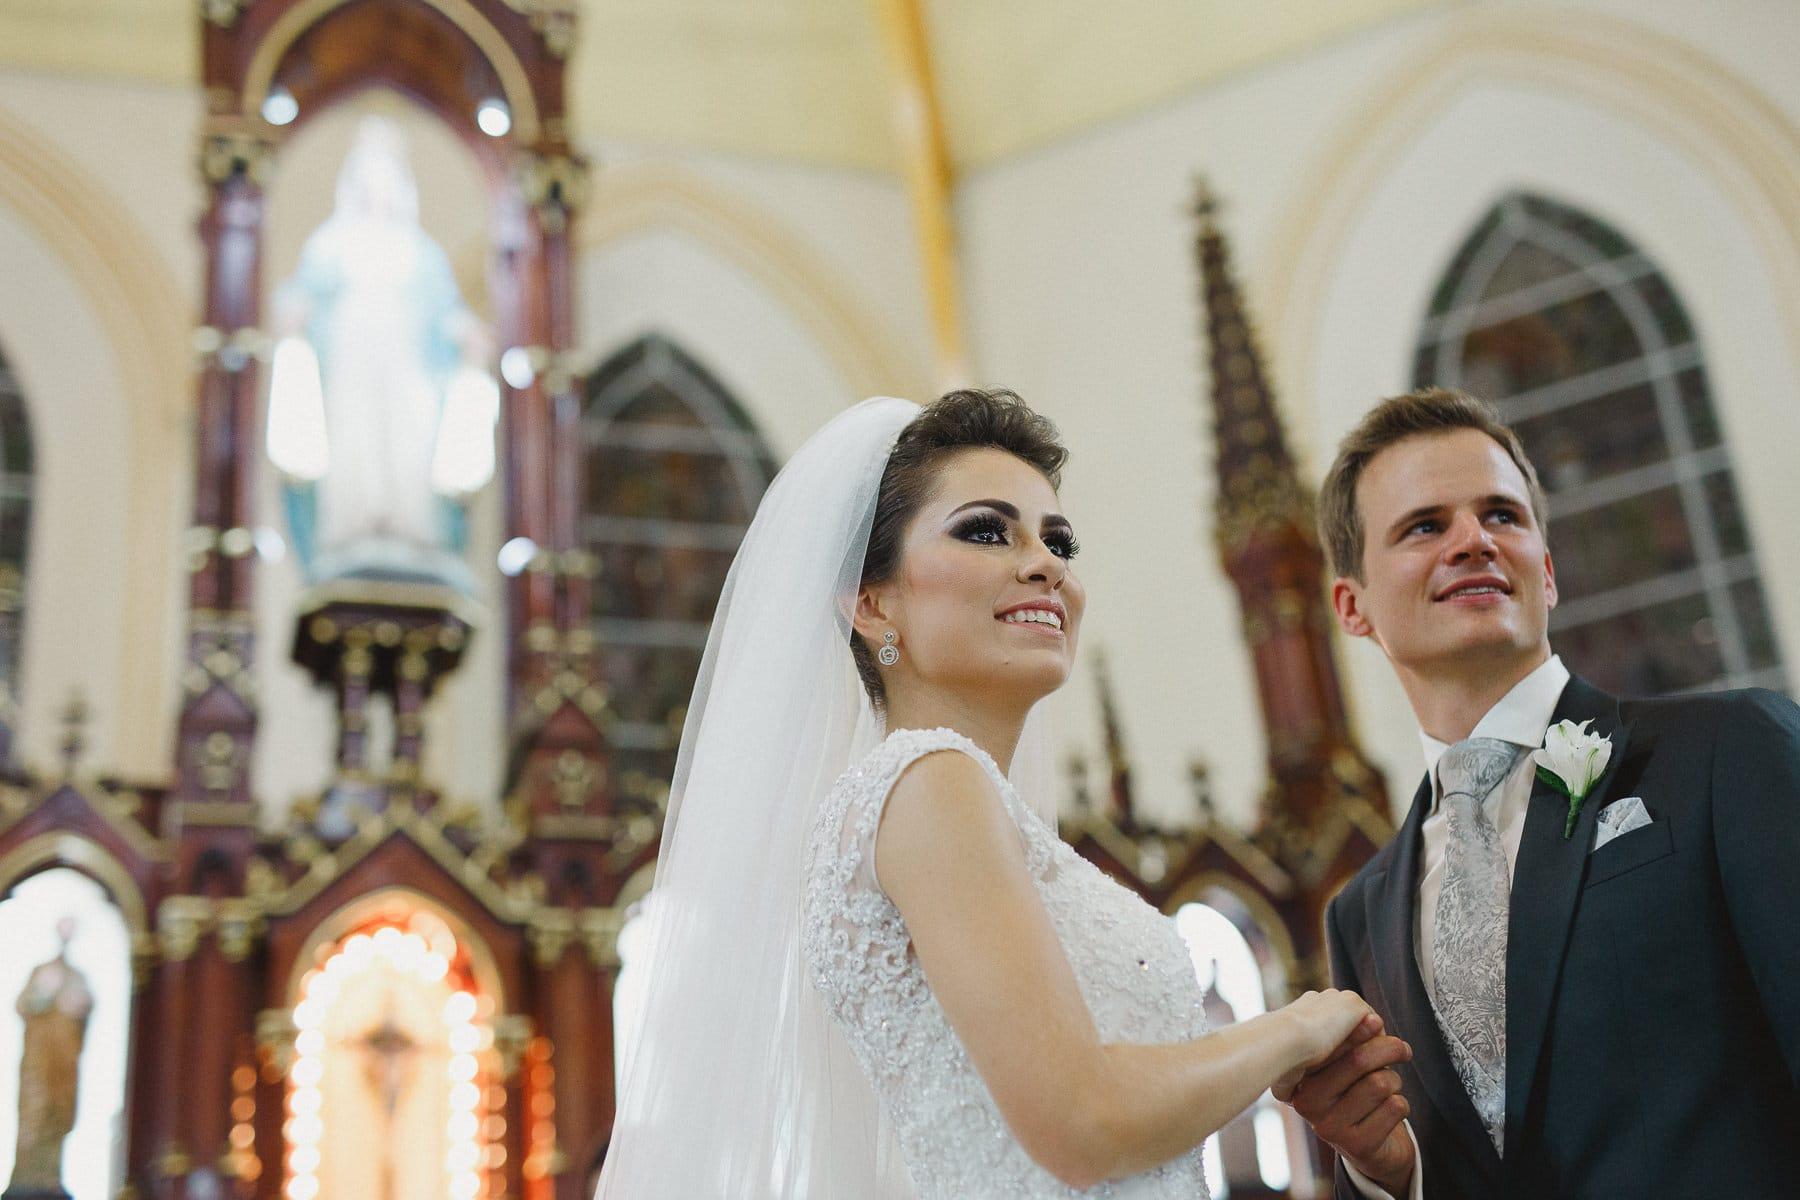 casamento-igreja-do-pequeno-grande-31